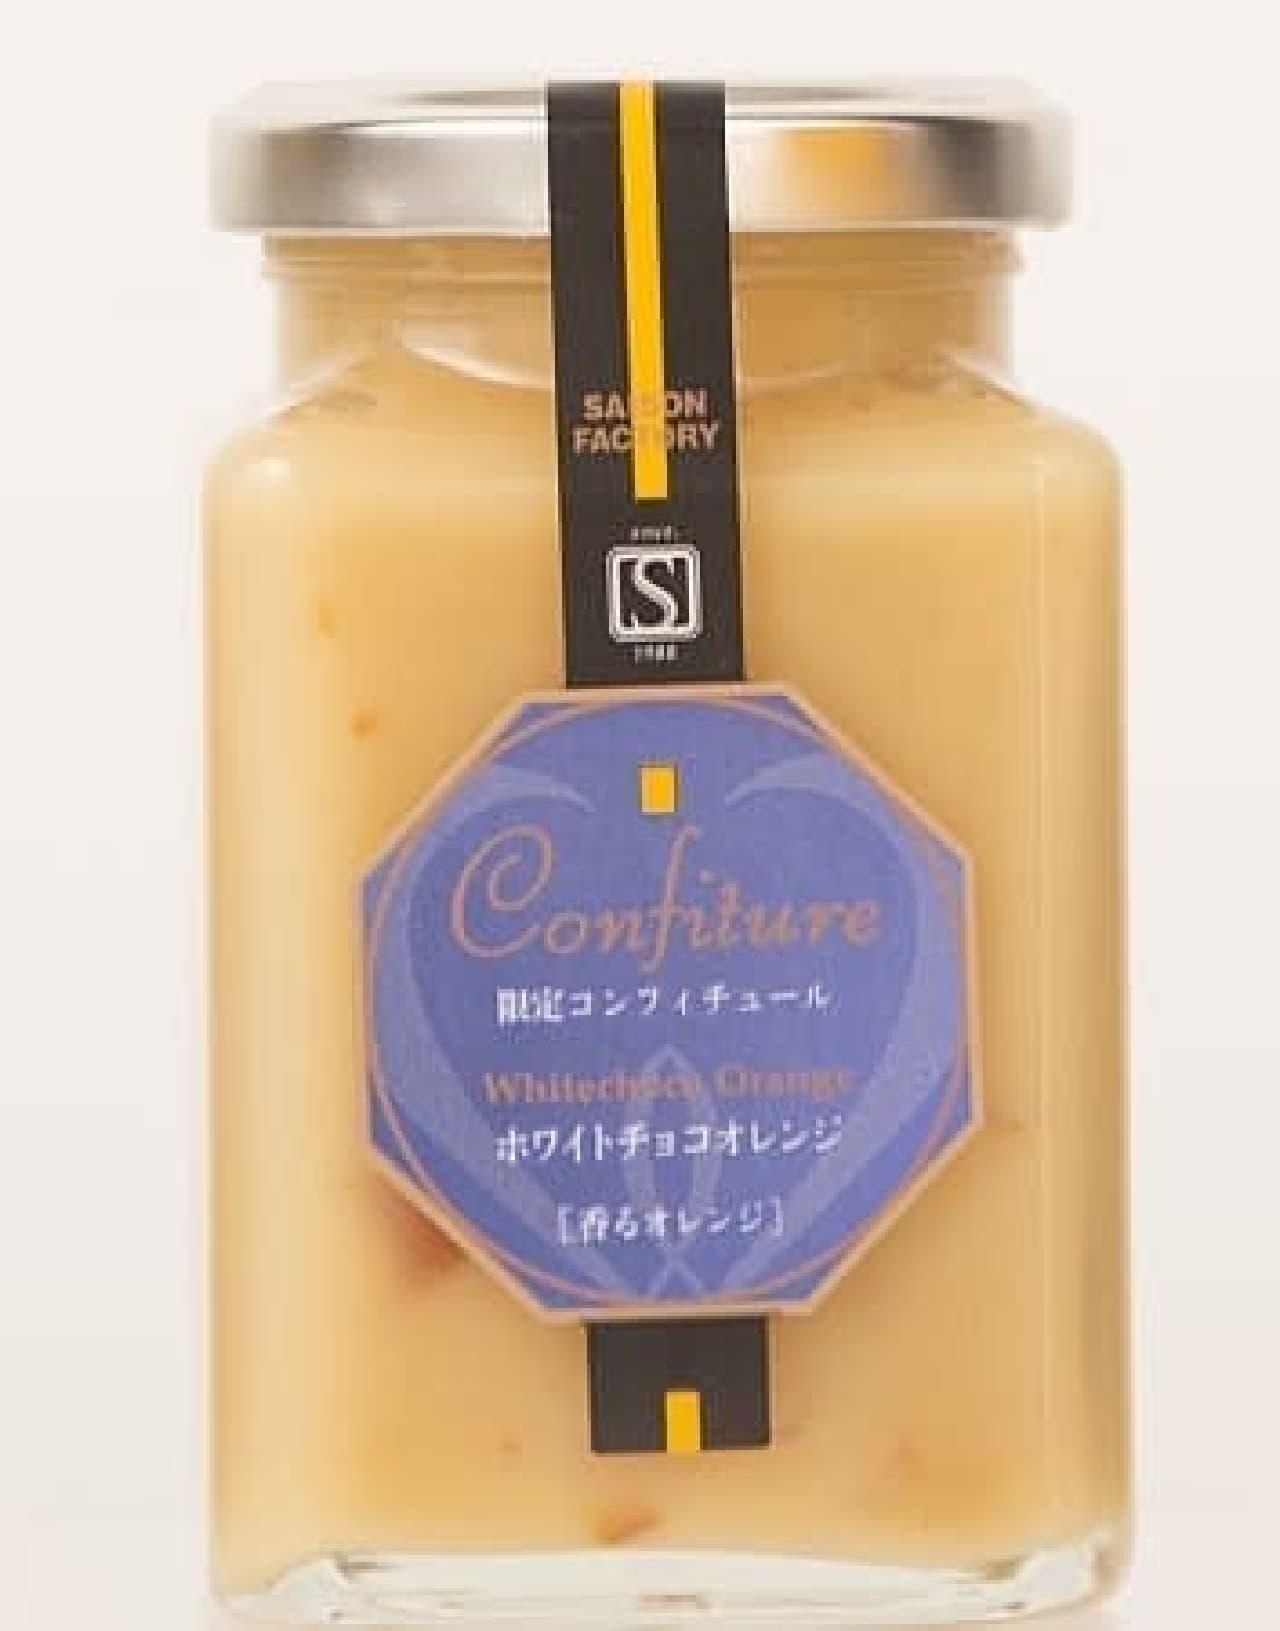 セゾンファクトリーの期間限定商品「コンフィチュール ホワイトチョコオレンジ」